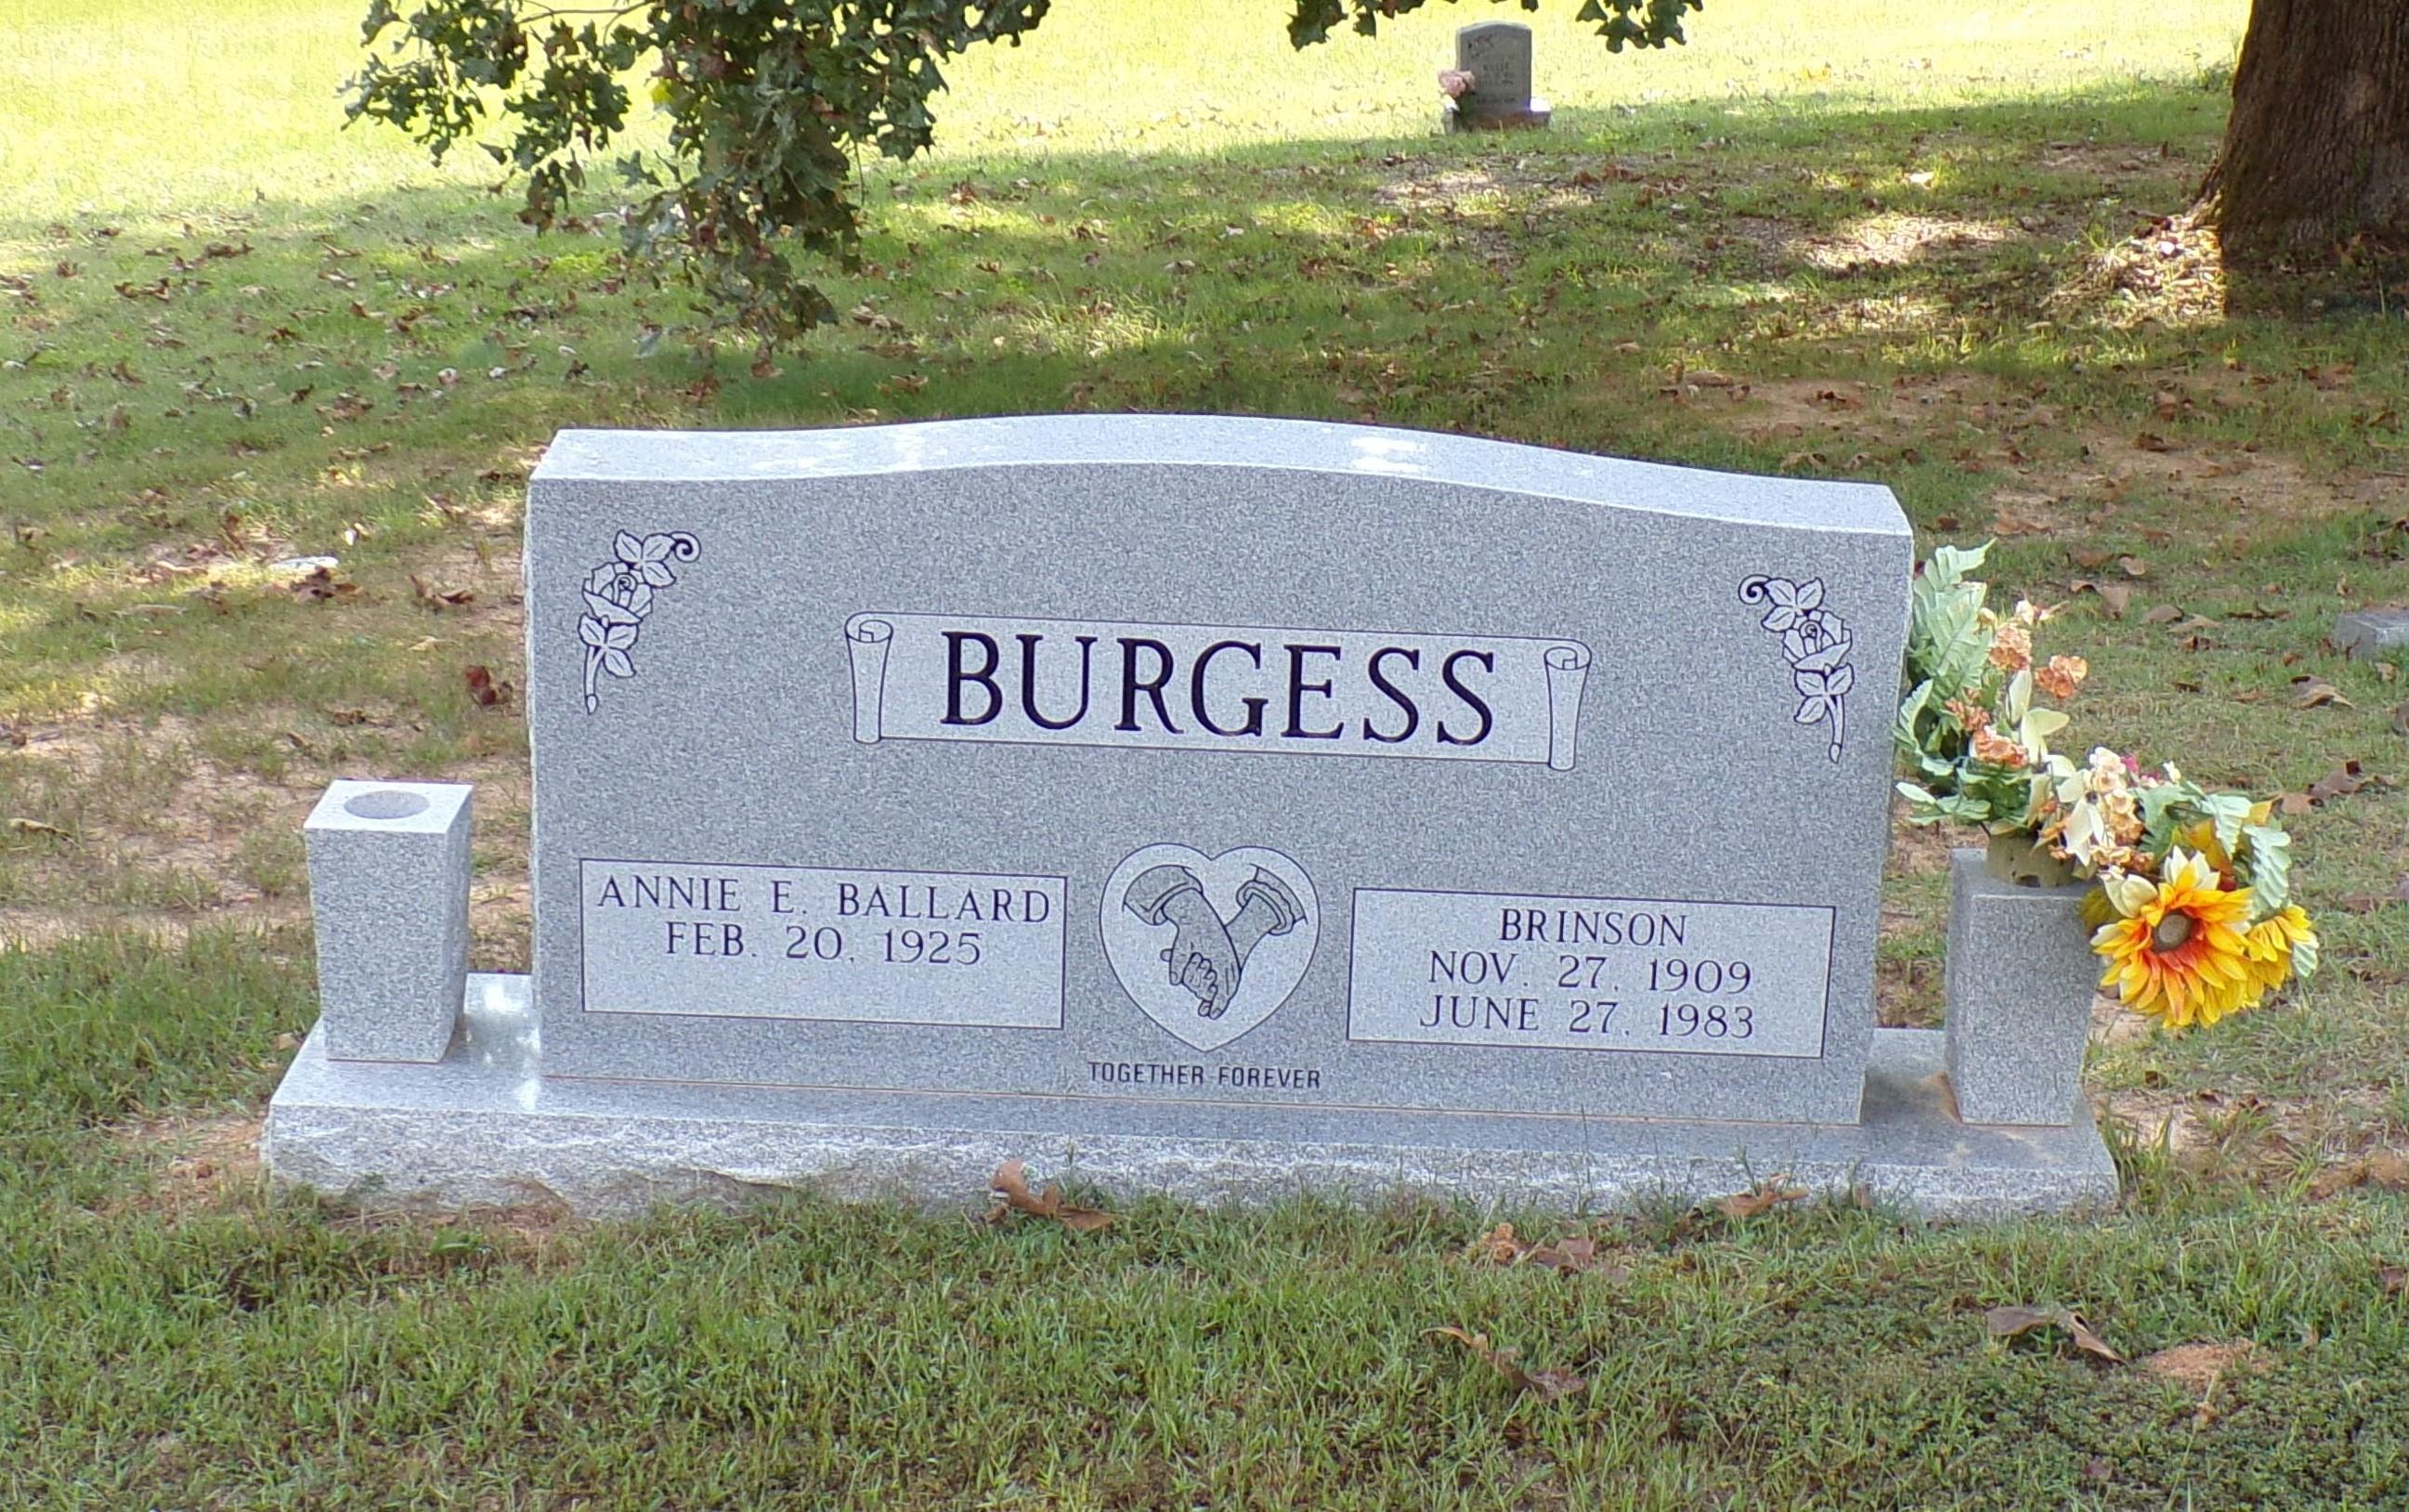 Brinson Burgess